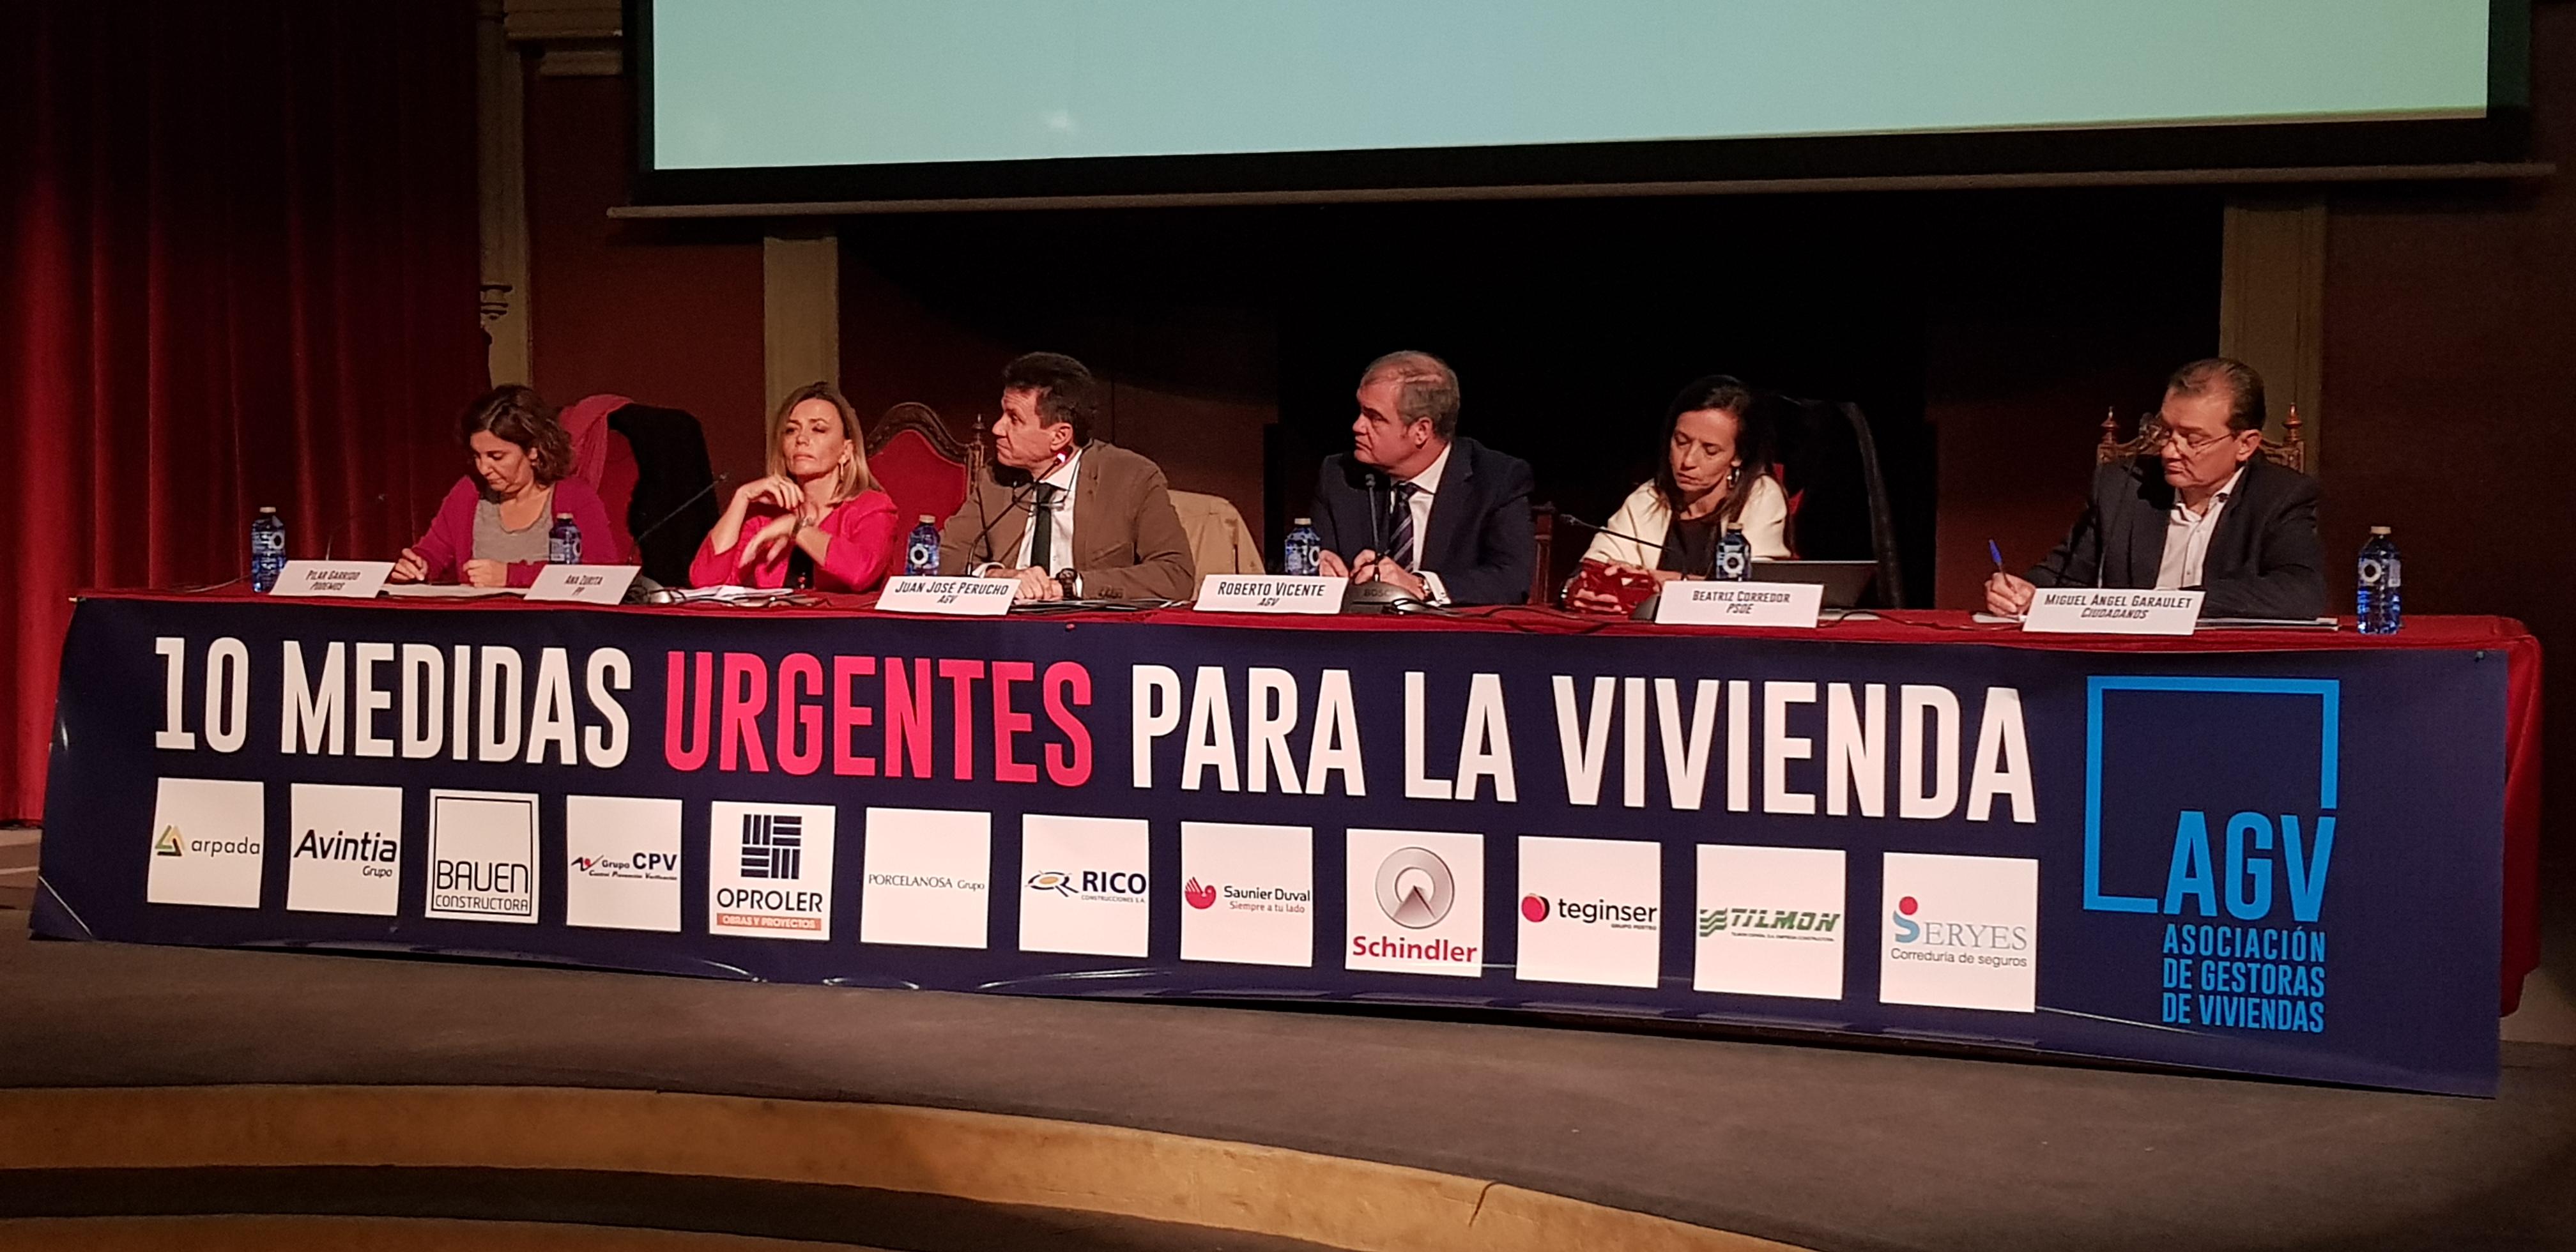 Fotografía del evento / Asociación de Gestoras de Viviendas (AGV)